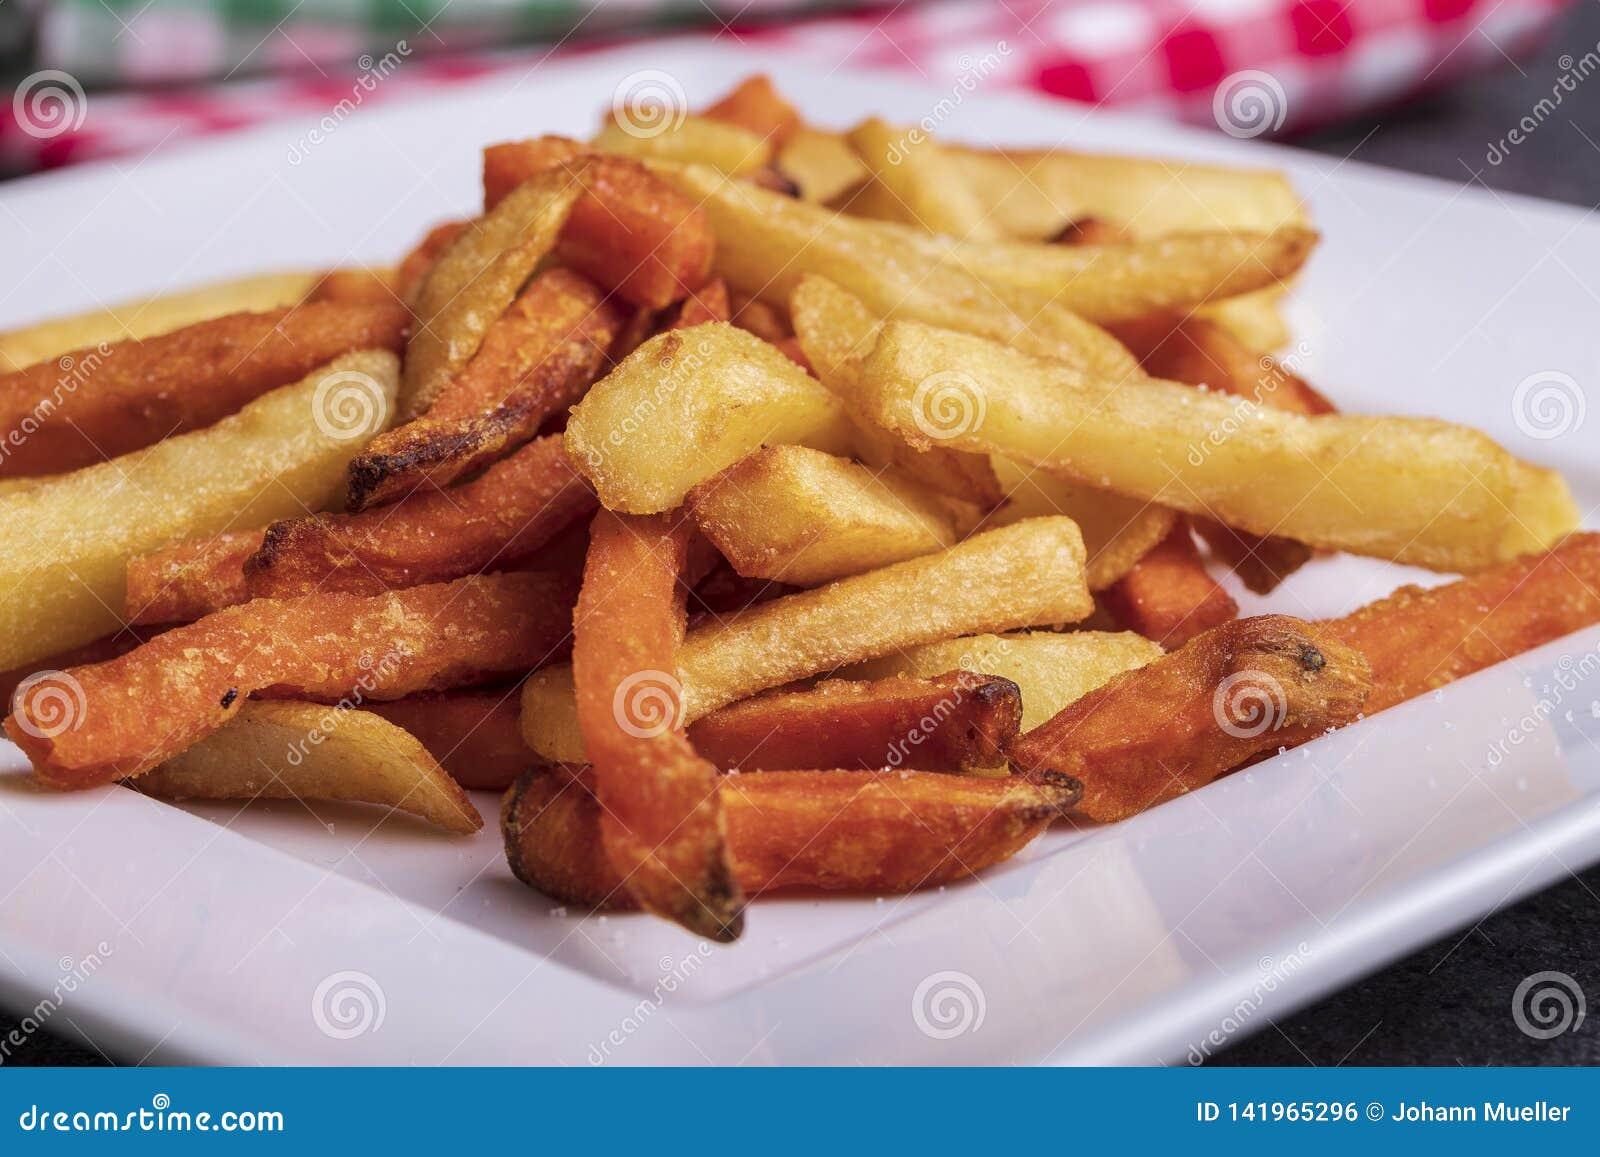 Varietà di patate per il contorno: patate fritte e patata dolce su un piatto